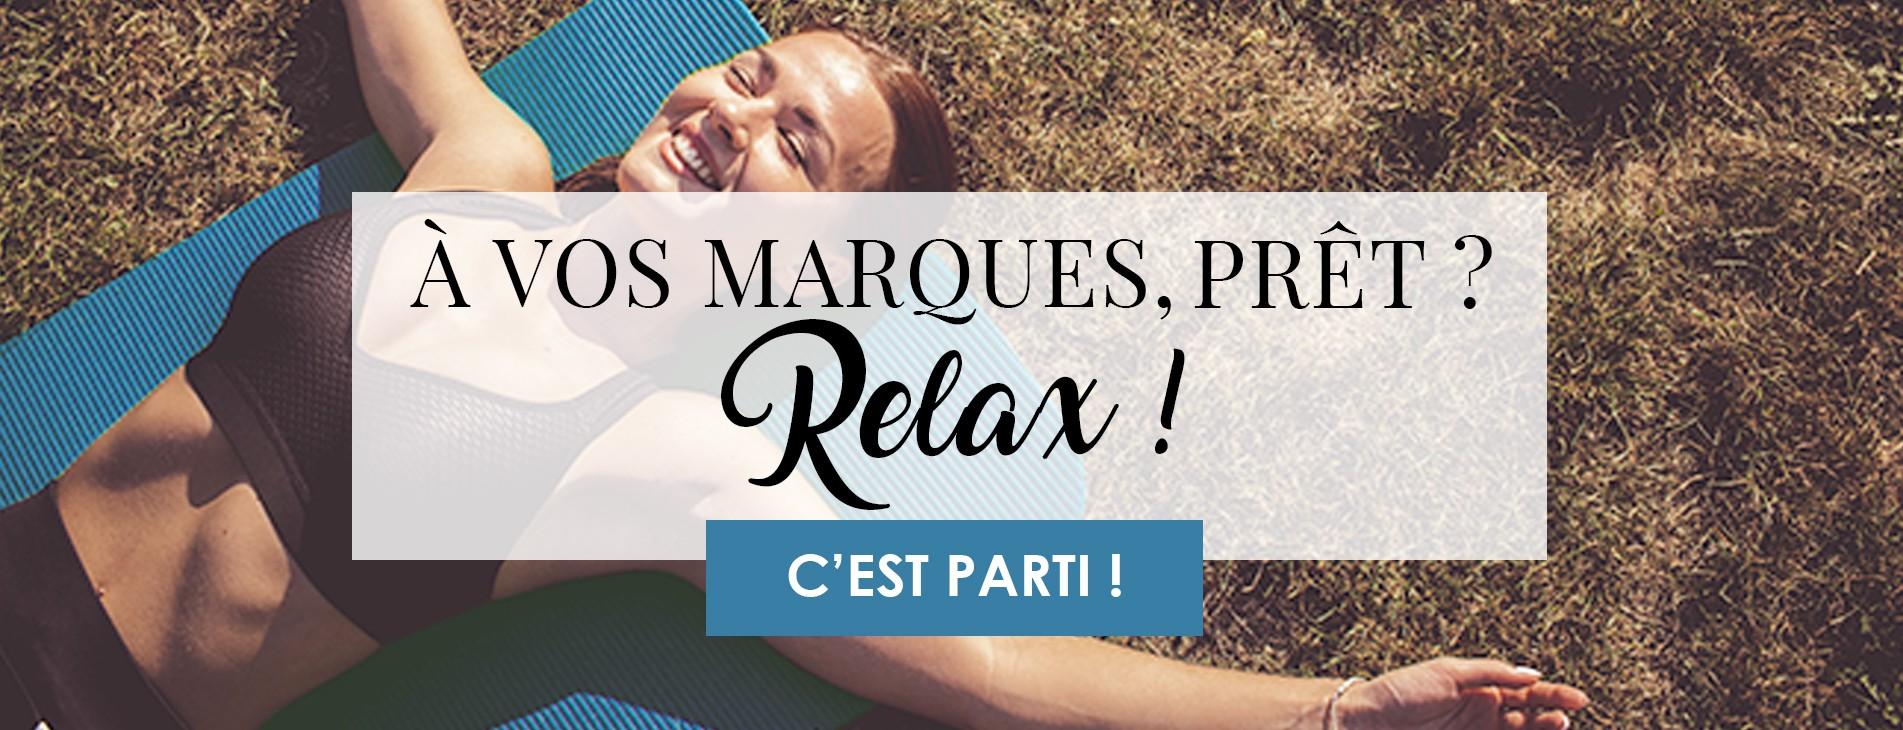 Offres Marathon de Paris